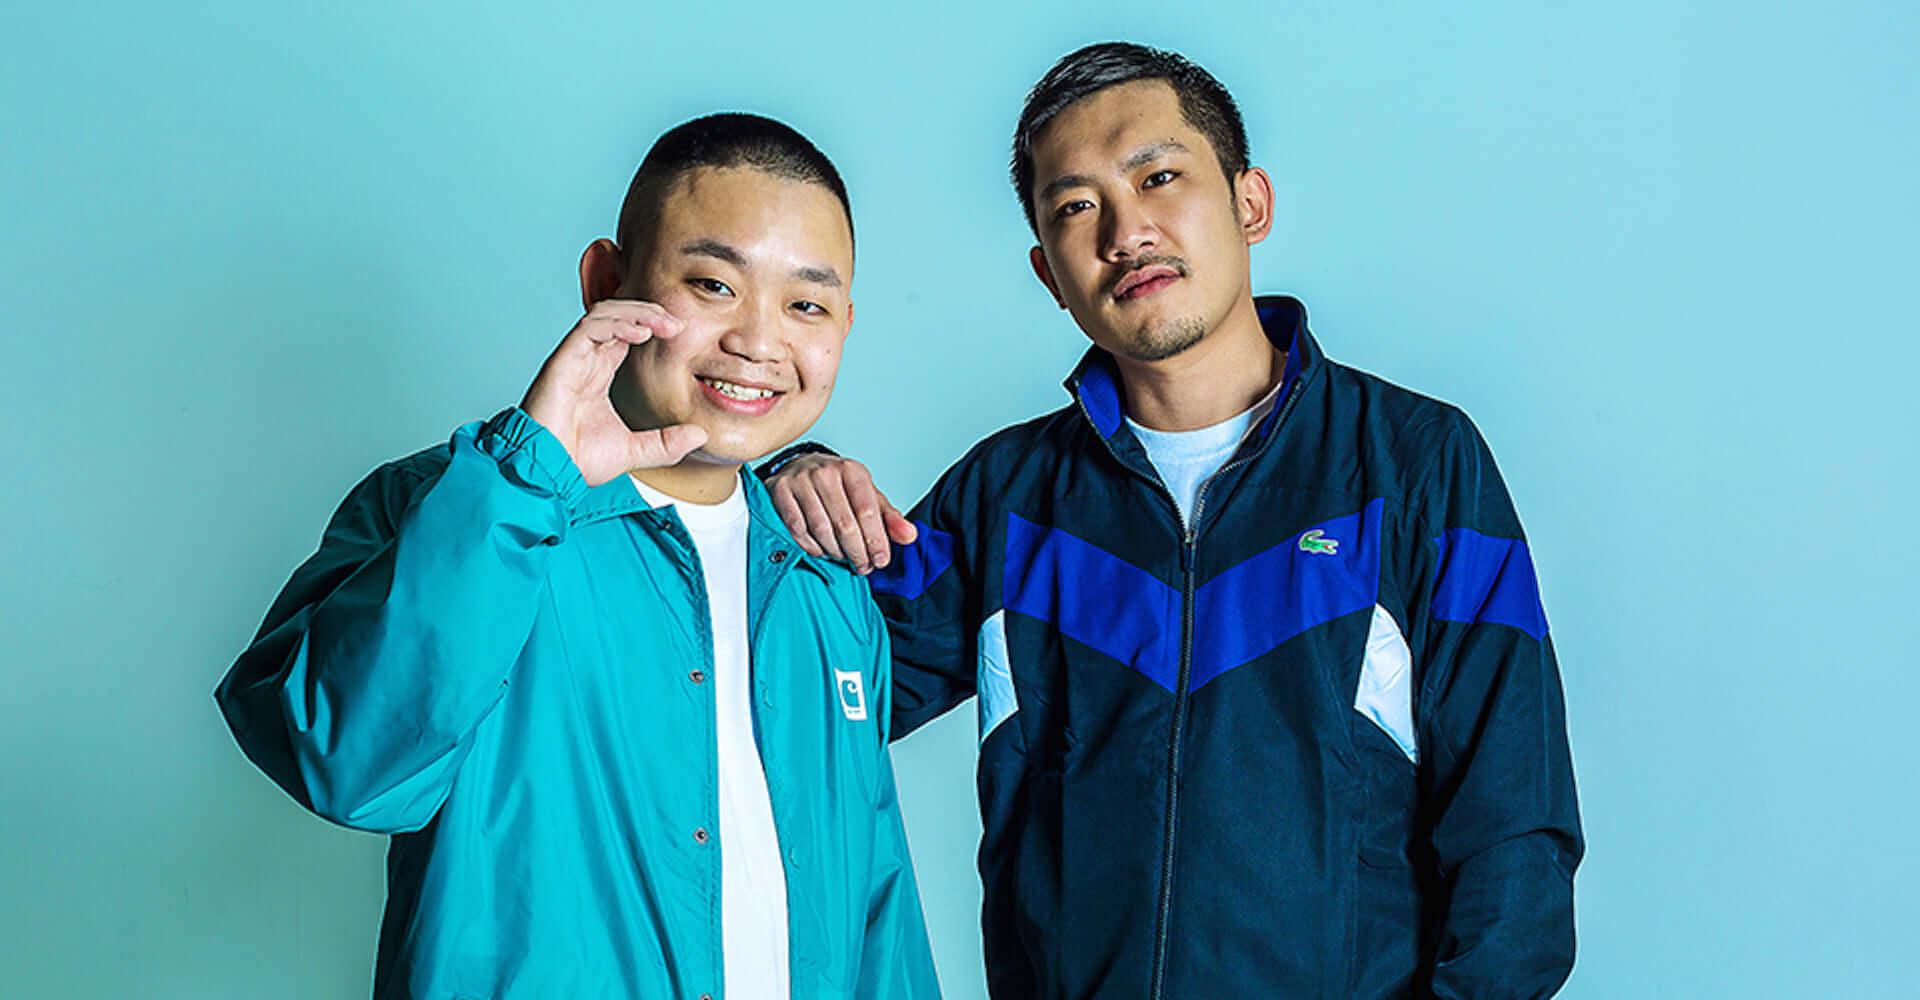 渋谷・VISIONの営業再開パーティー第3&4弾が今週末開催!FUJI TRILL、DJ HAZIME、DJ CHARI&DJ TATSUKIらが出演 music200625_vision-tokyo_1-1920x1000